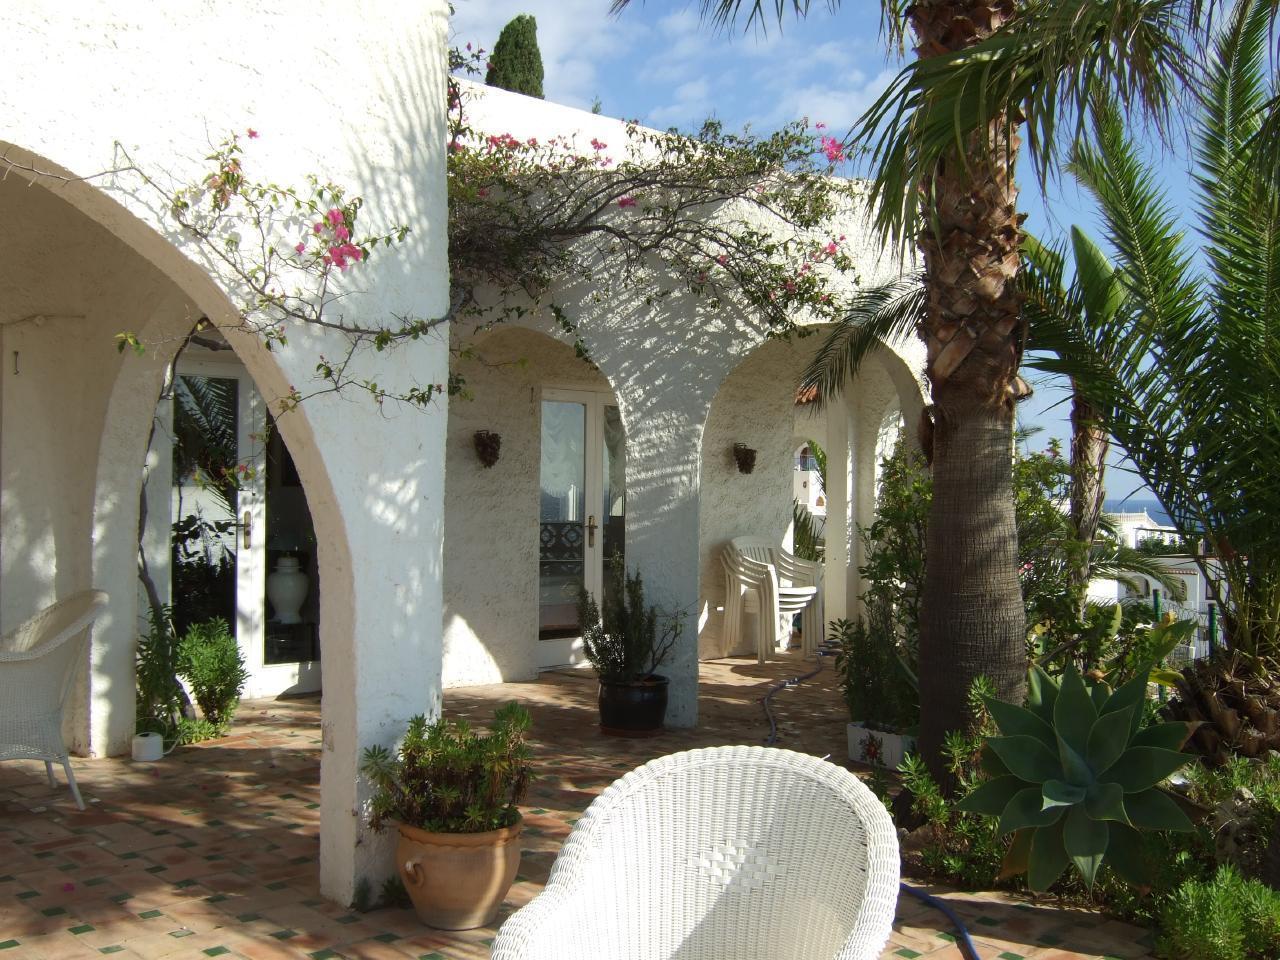 Ferienhaus Villa im maurischen Stil mit großartigem Blick auf das Meer (2413053), Mojacar, Costa de Almeria, Andalusien, Spanien, Bild 15